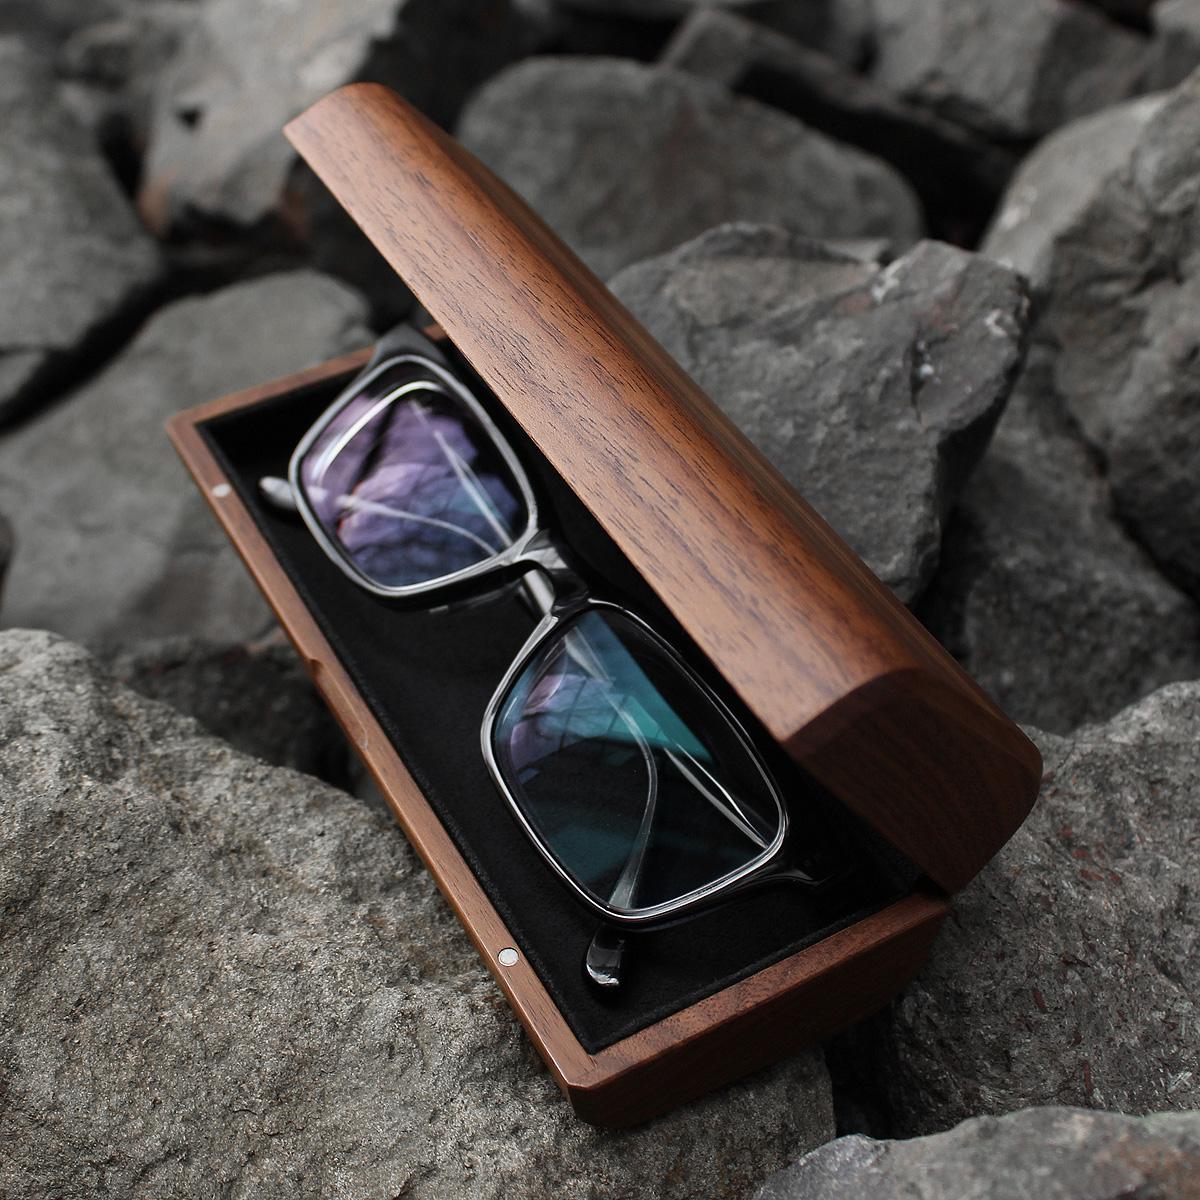 メガネやサングラスを木のぬくもりでやさしく覆うおしゃれなメガネケース